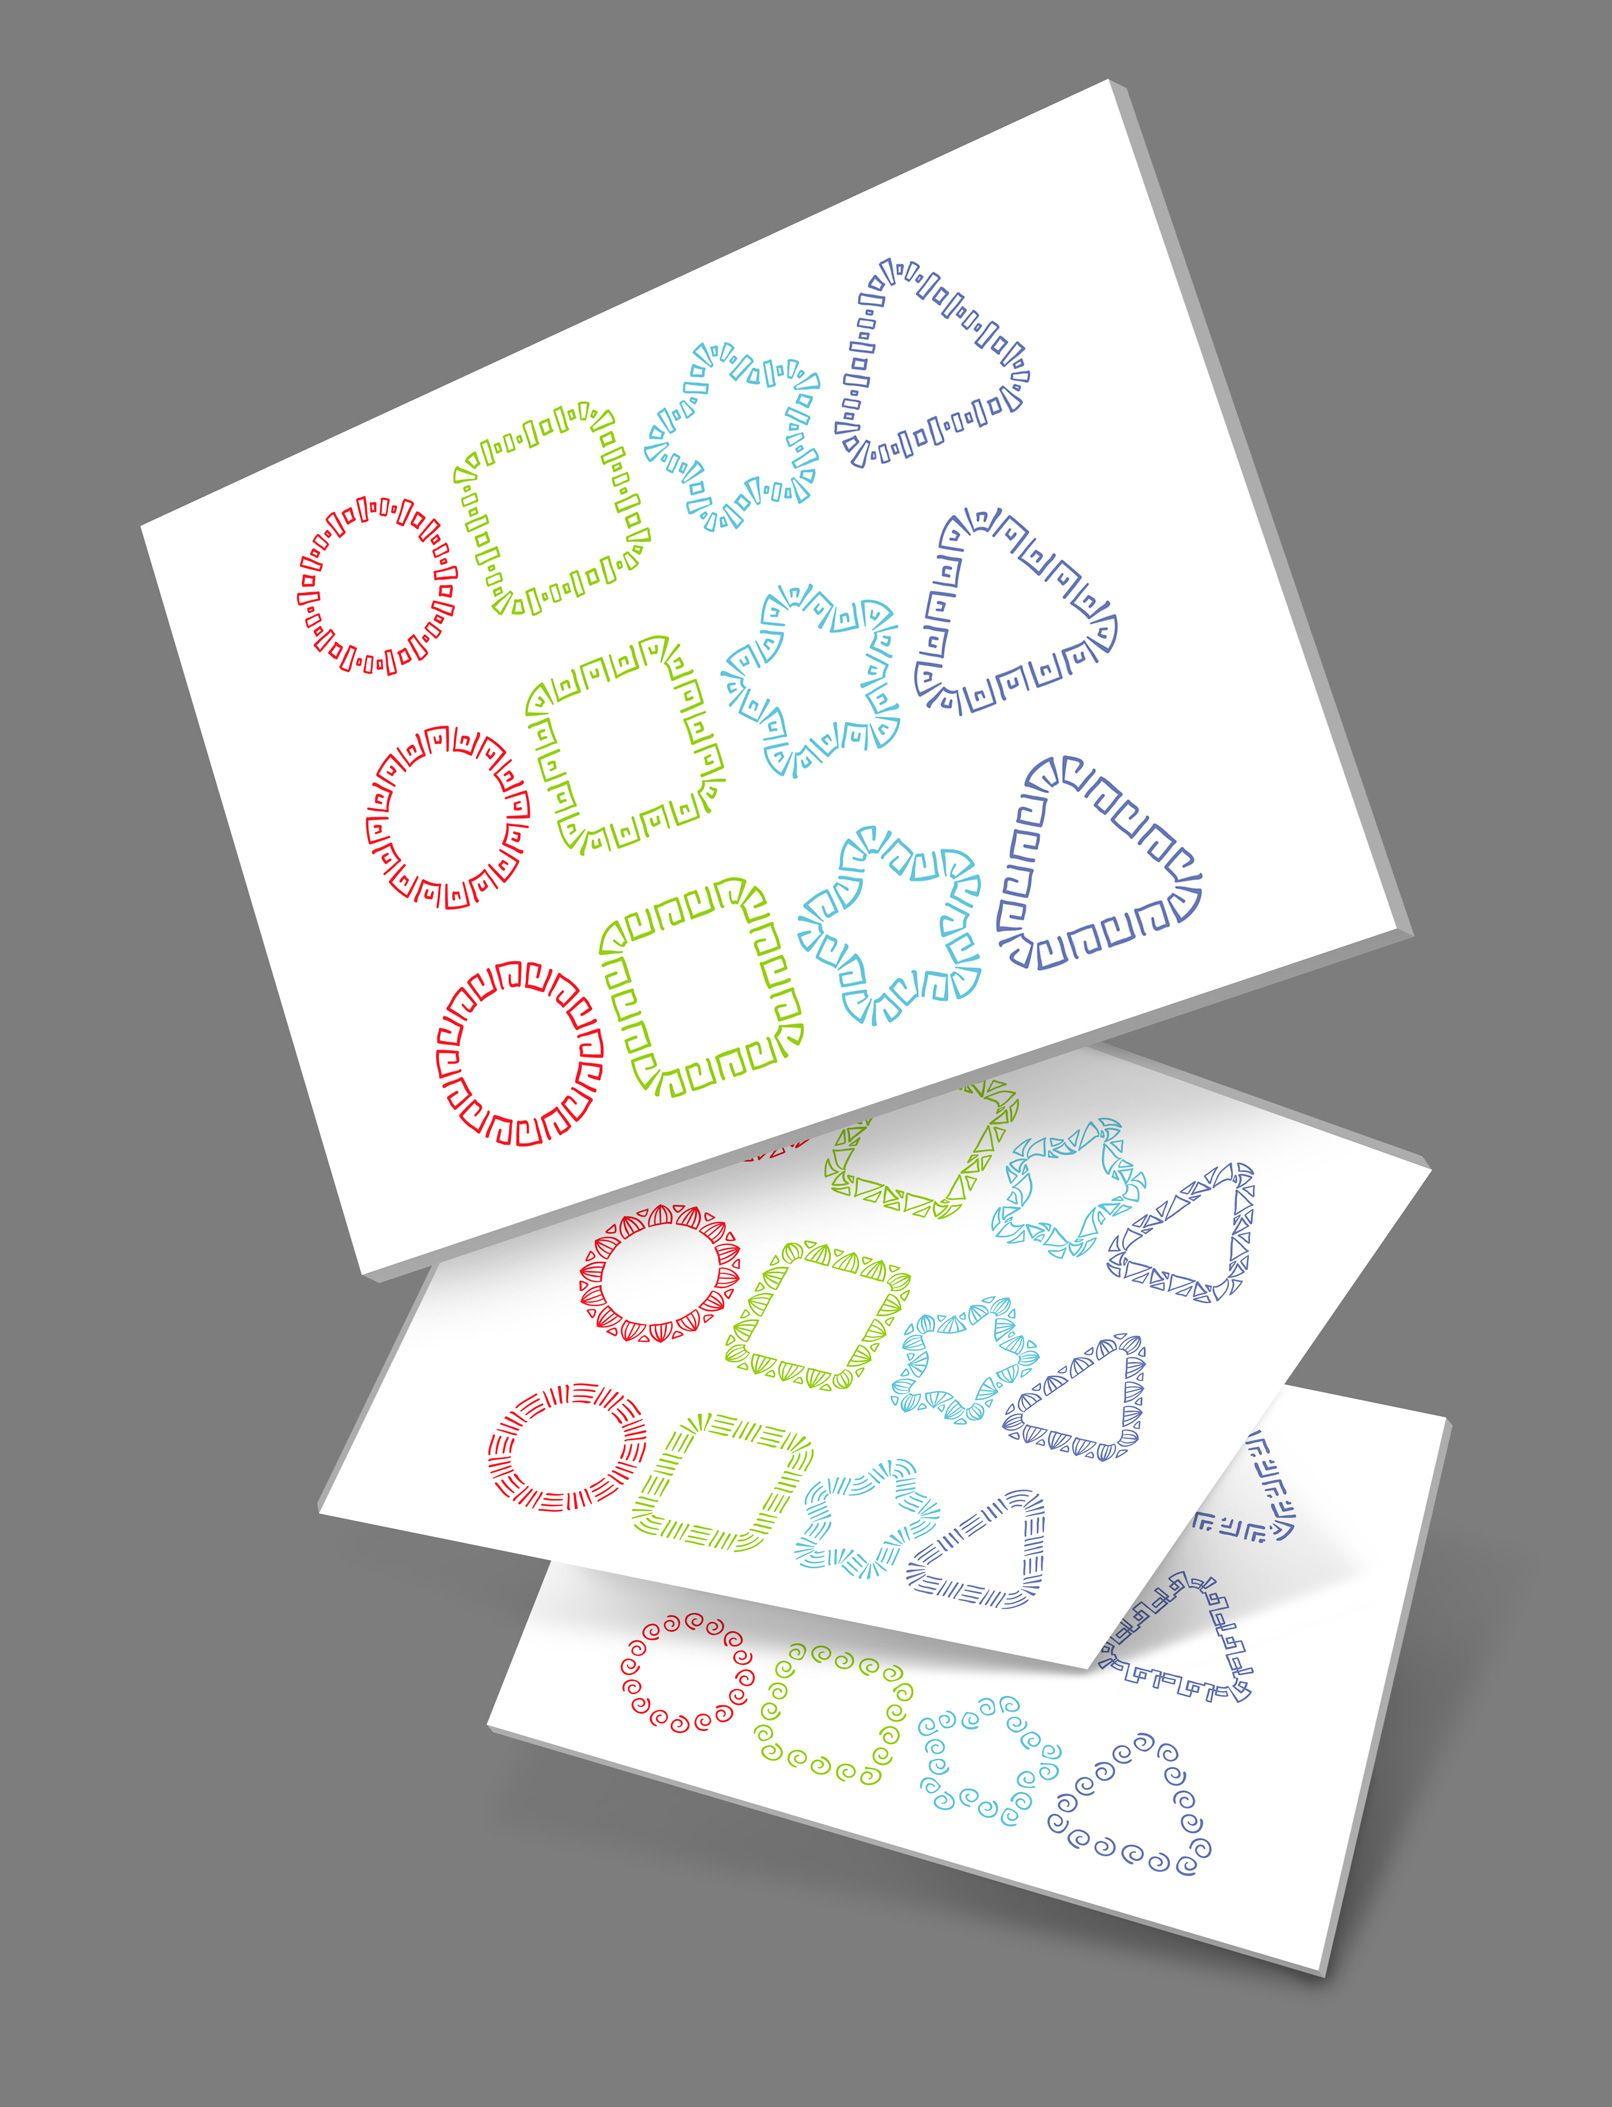 50 brushes fur adobe illustrator schmuckvolle ornamente vektorgrafik erstellen lkw vektor spreadshirt